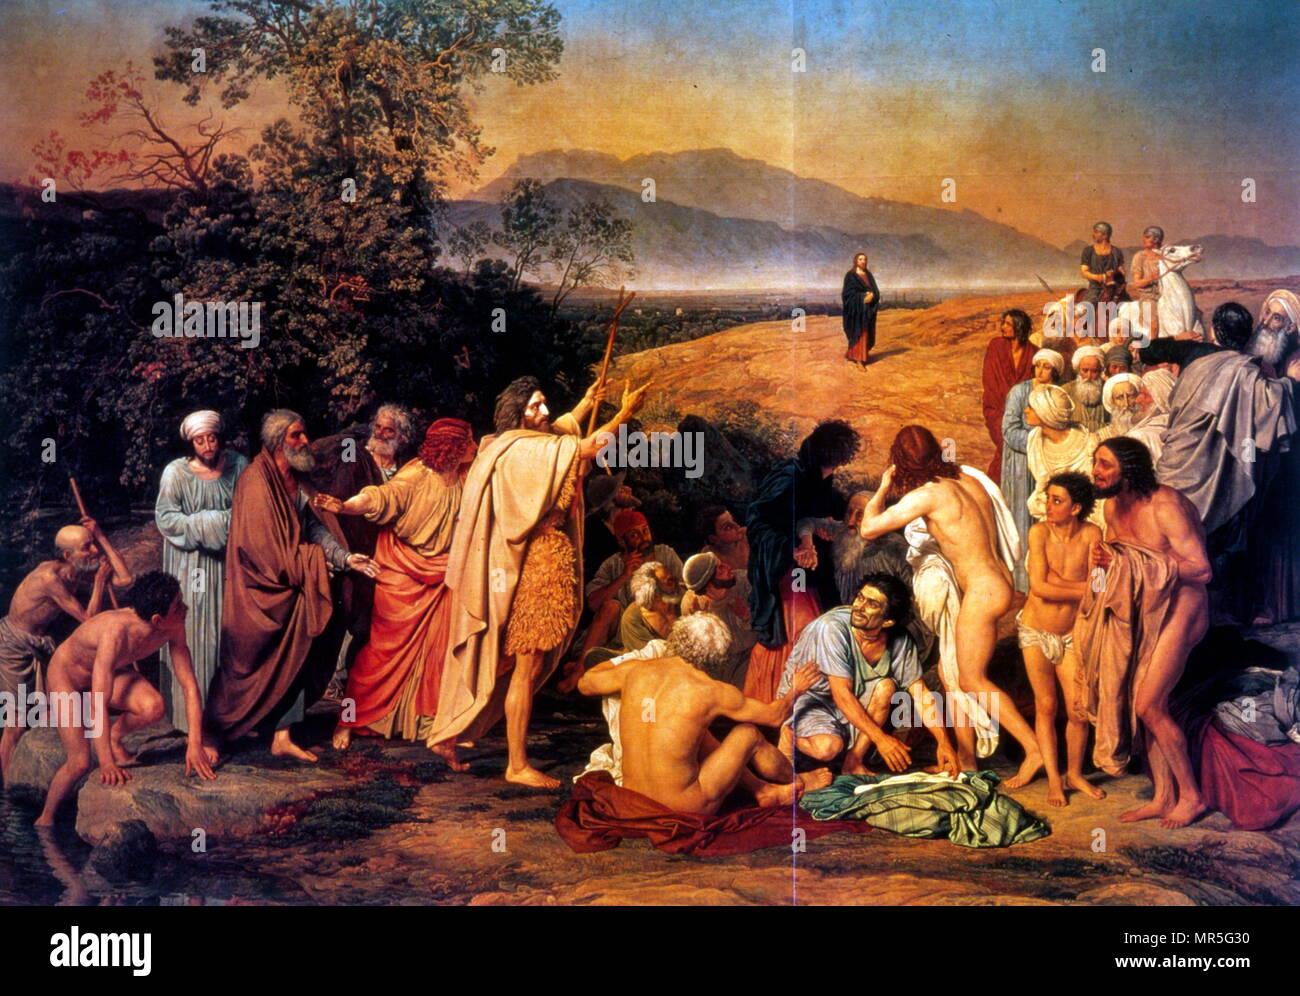 L'apparition du Christ devant le peuple (apparition du Messie); 1857. peinture à l'huile sur toile, de 540 cm × 750 cm, par le peintre russe Alexandre Andreïevitch Ivanov (1806-1858) a eu 20 ans (1837-1857). Le récit de la peinture fait allusion à plusieurs histoires dans la Bible. Dans le centre, Jean le Baptiste, vêtu d'une peau d'animal, est debout sur les rives du Jourdain. Il pointe vers une figure dans la distance, s'approchant de la scène. À gauche la jeune John l'Apôtre saint Pierre, derrière lui, et d'autres sur André l'Apôtre et Nathaniel. Photo Stock